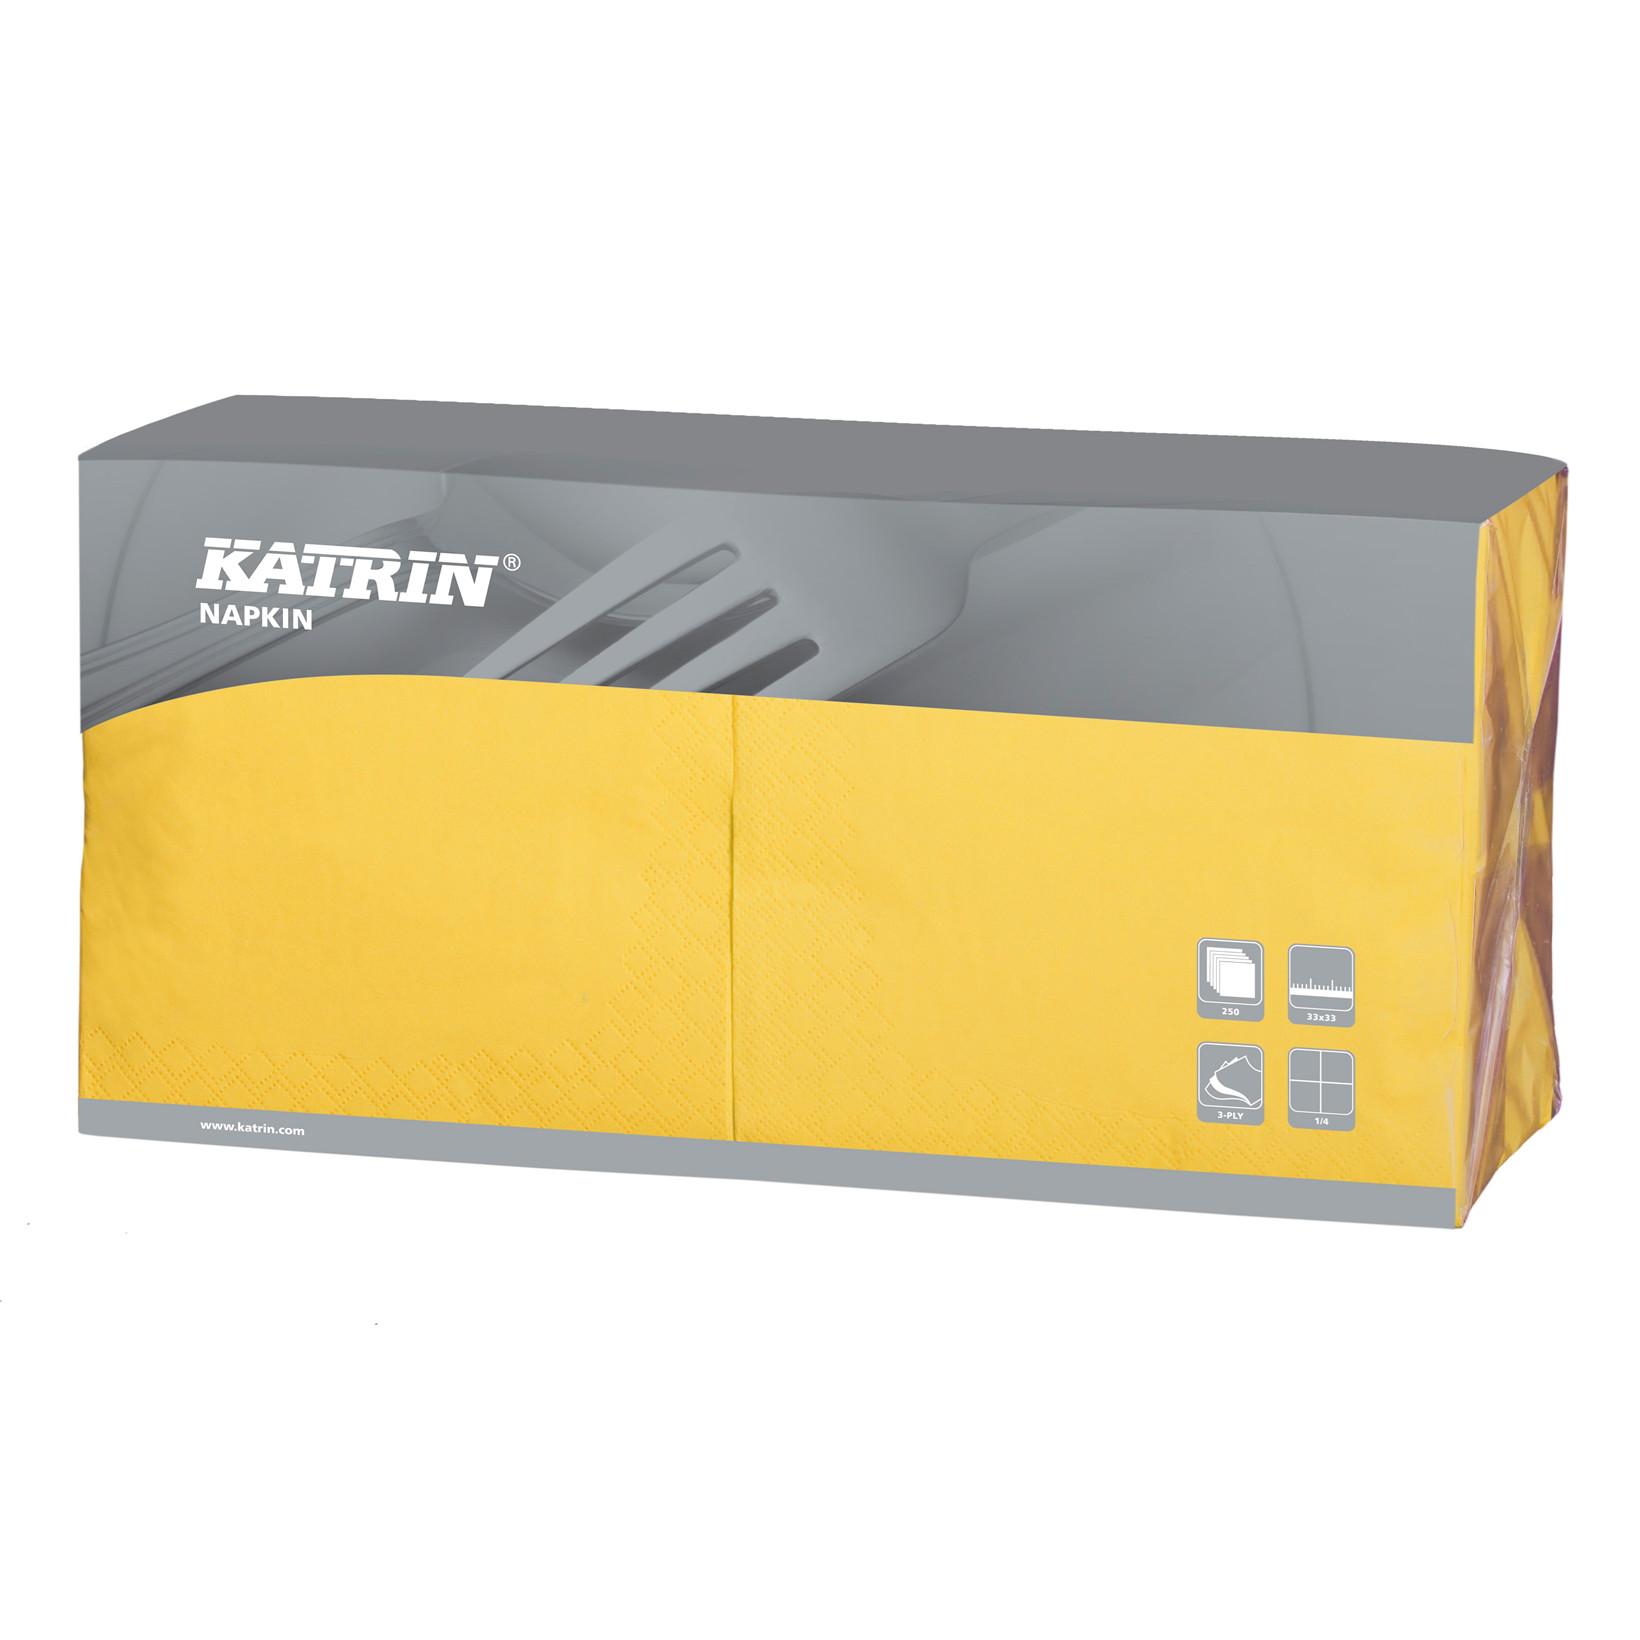 Servietter Katrin 1/4 Fold - 3-lags gul - 33 cm - 4 x 250 stk - 114546